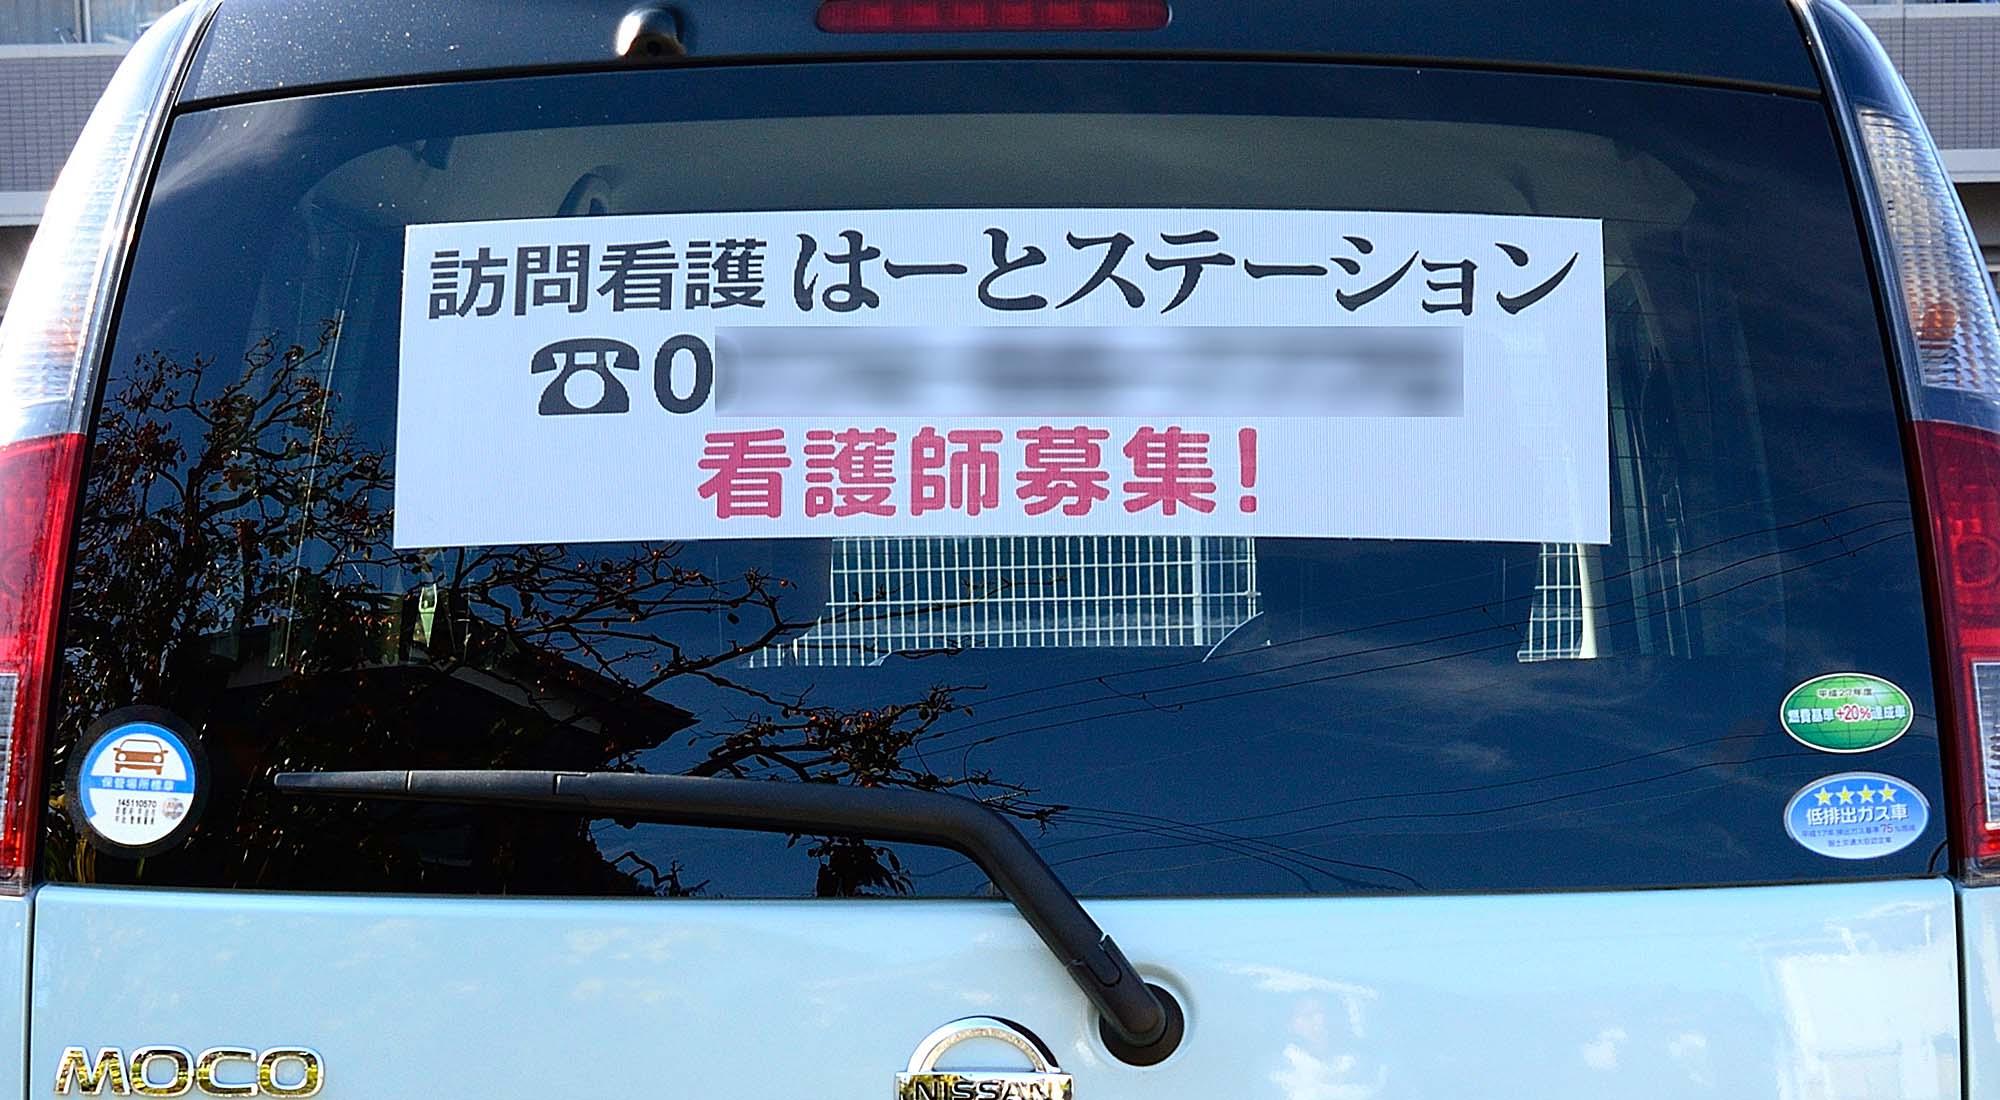 【車外】外貼り・縦ストライプ・タテ200mm×ヨコ700mm(お客様希望により写真の一部をぼかしています)